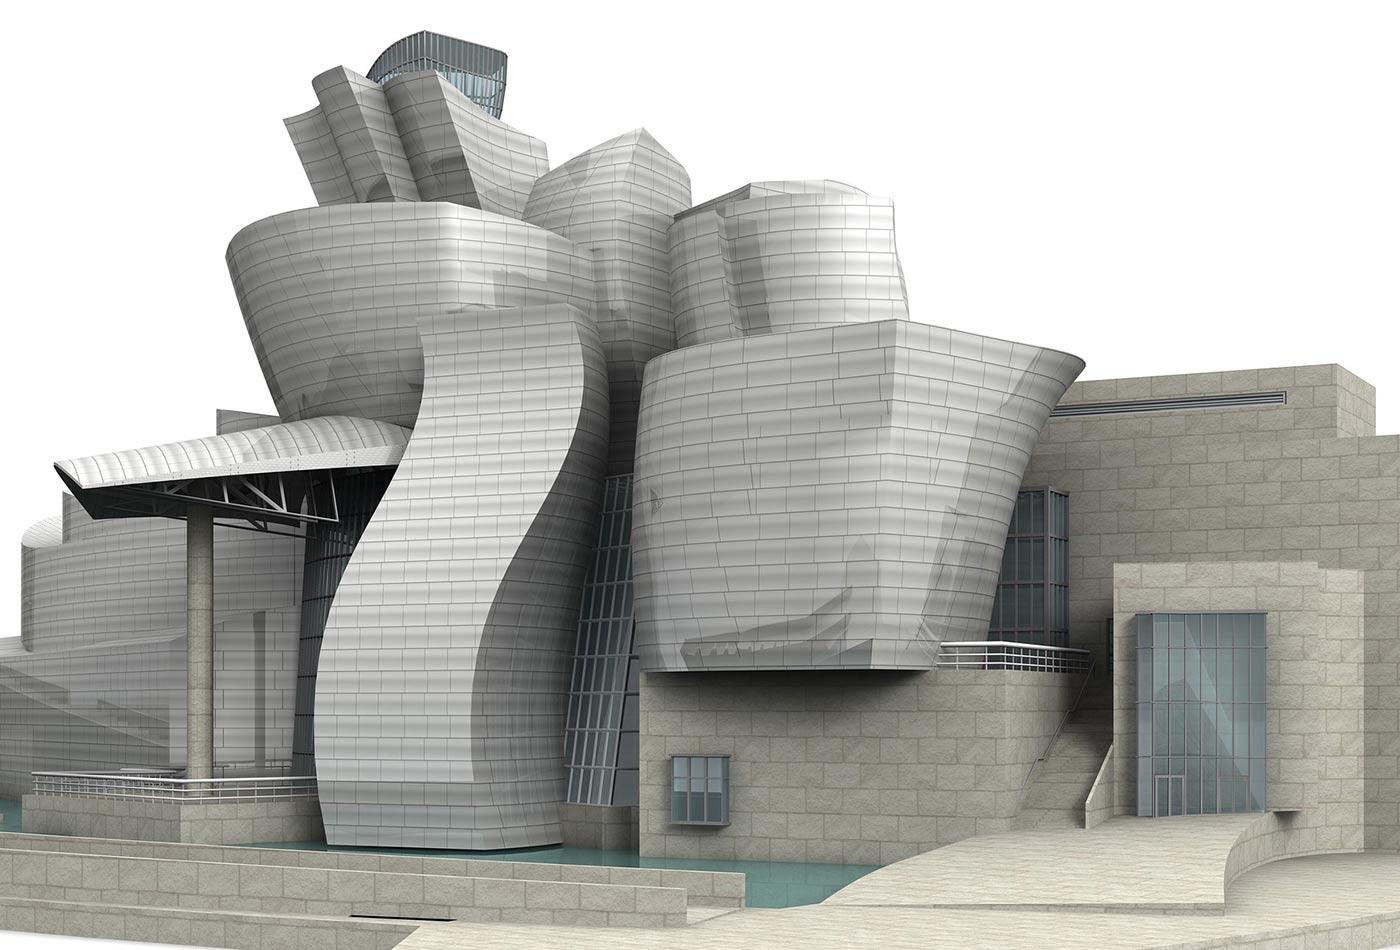 Guggenheim Museum, Bilbao.